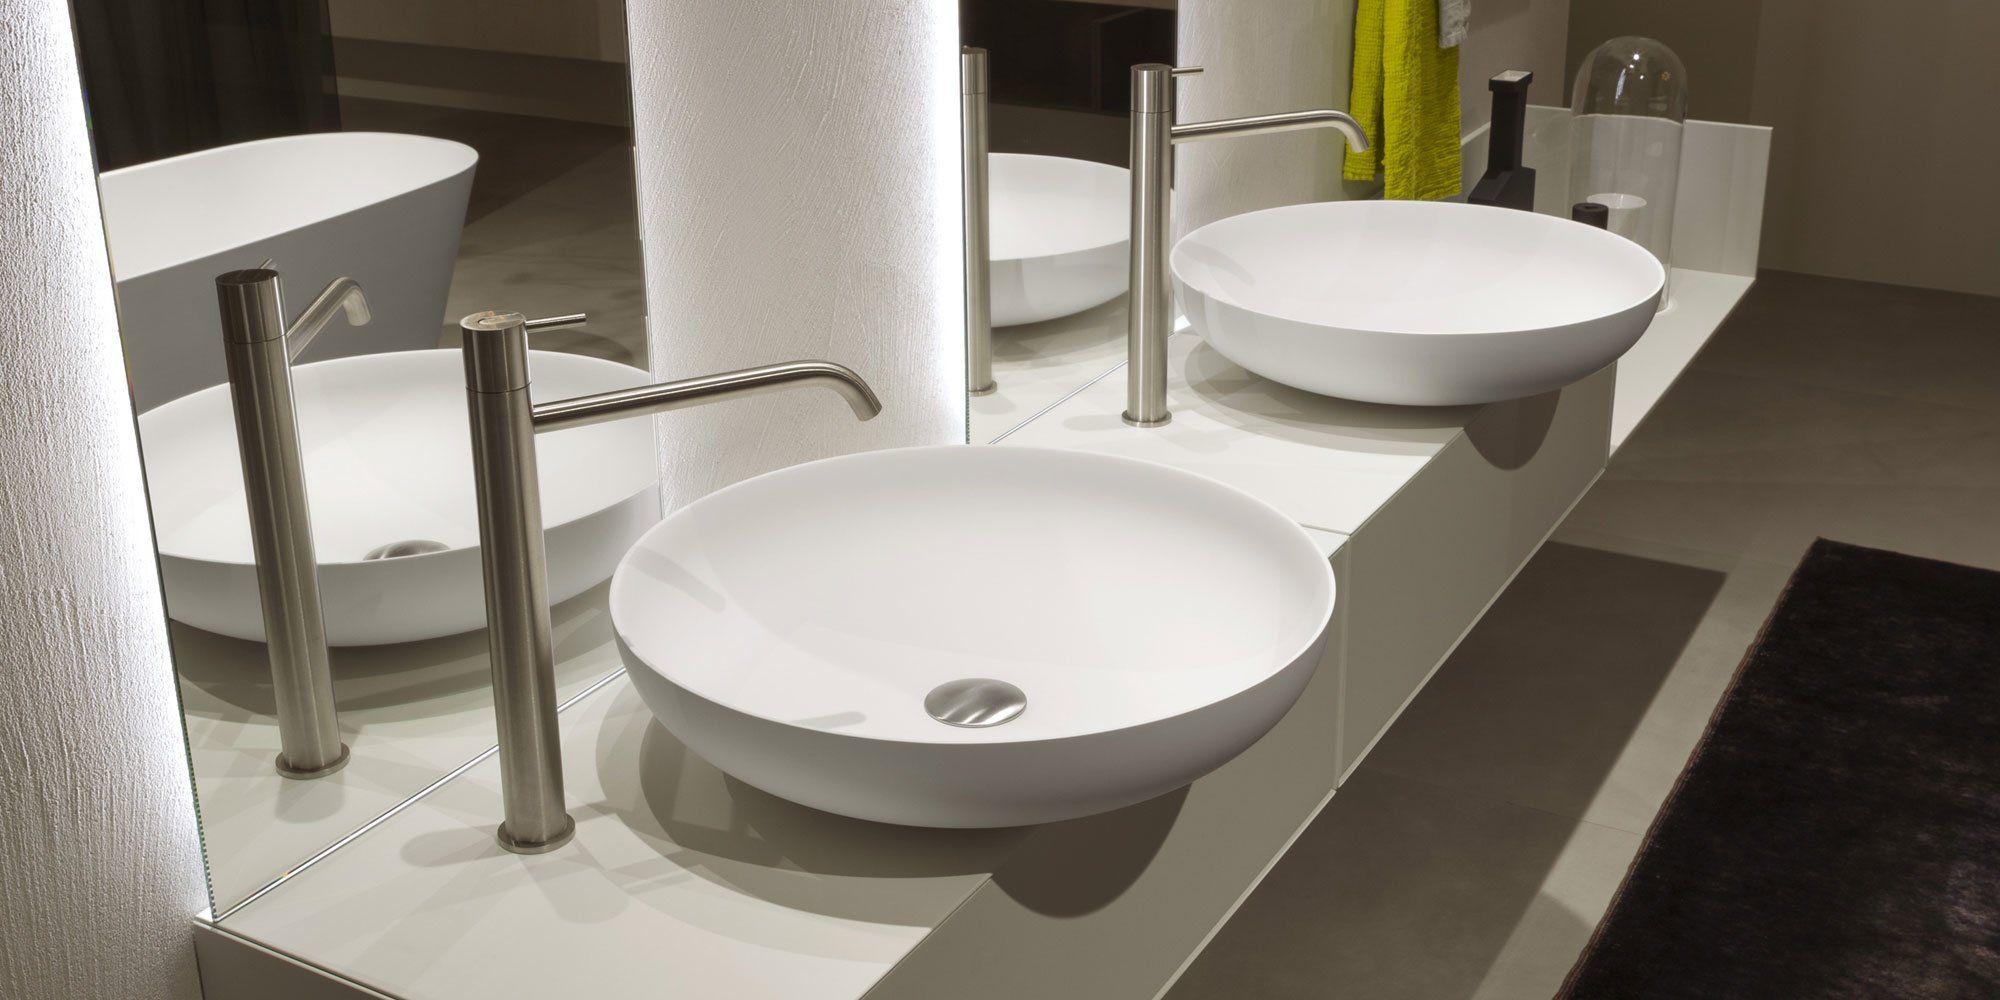 antonio lupi waschbecken waschtisch verso designbest. Black Bedroom Furniture Sets. Home Design Ideas